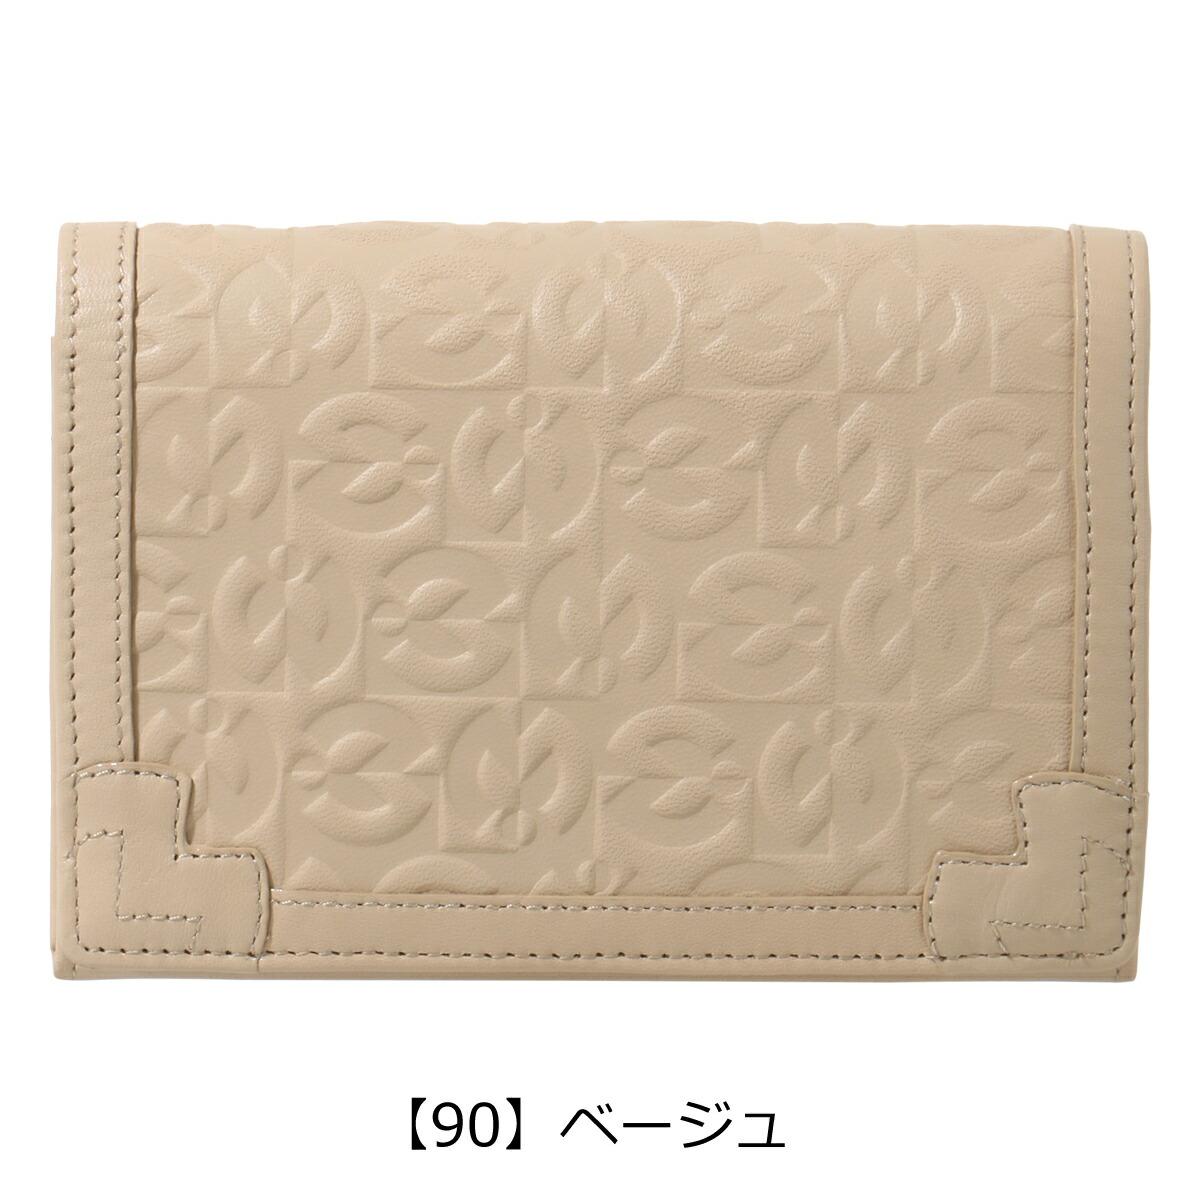 【90】ベージュ